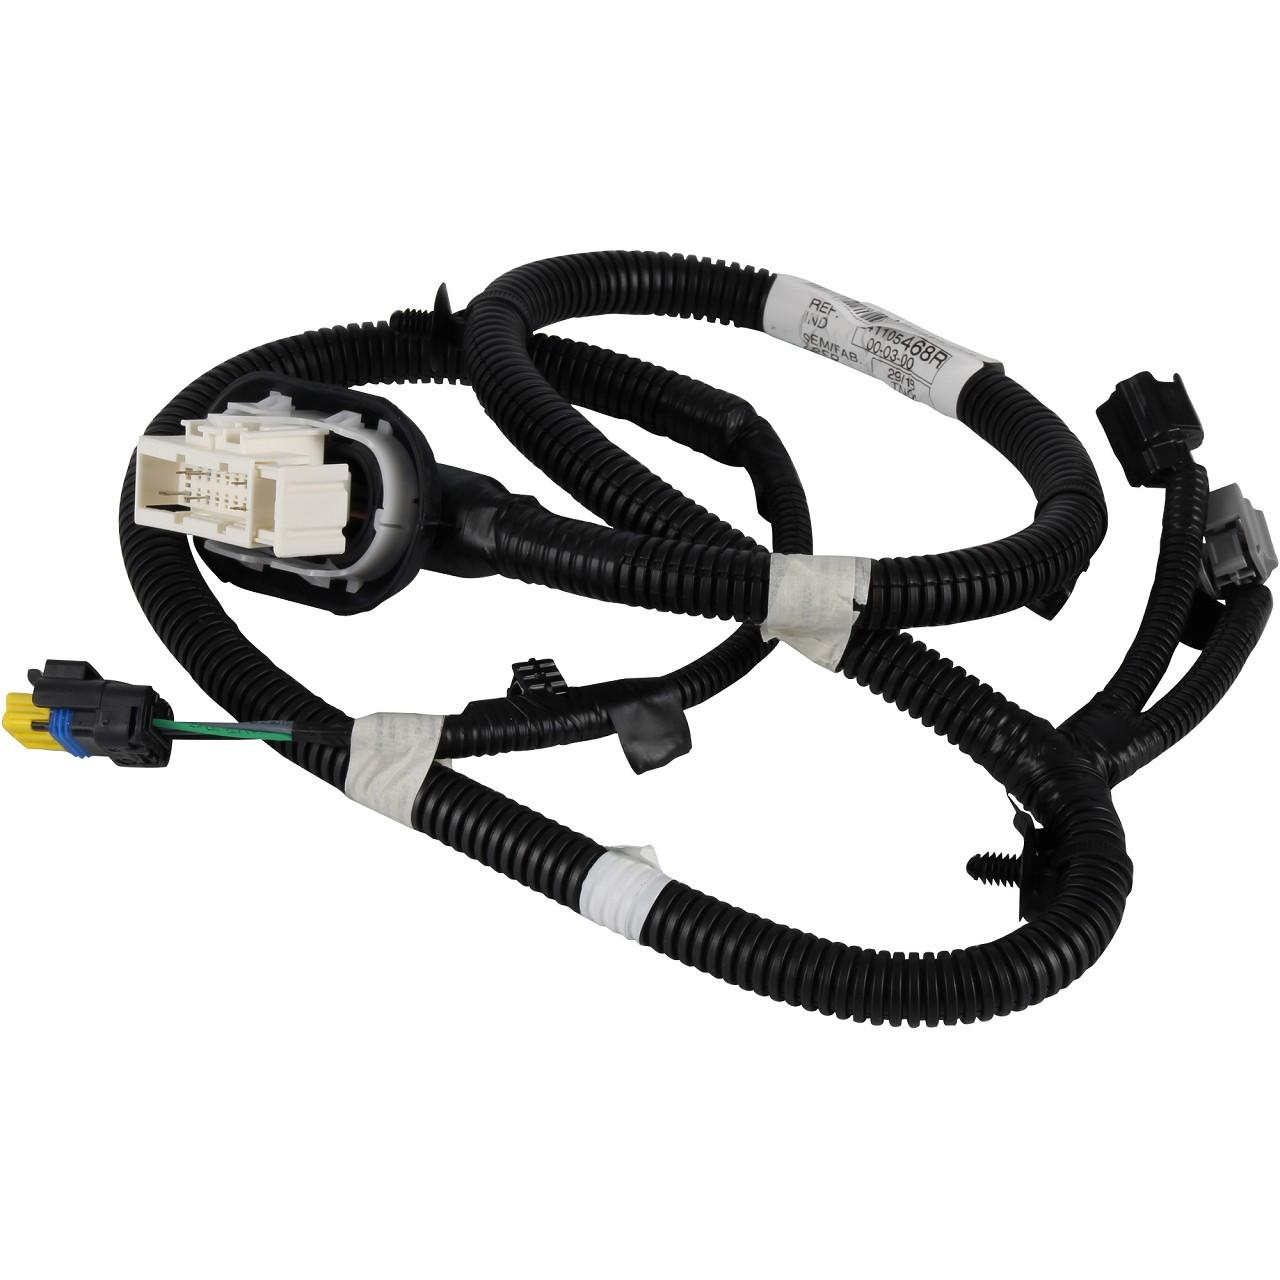 ORIGINAL Renault Kabelbaum Kabelsatz Kraftstoffpumpe KANGOO (KW0 FW0) 241105468R